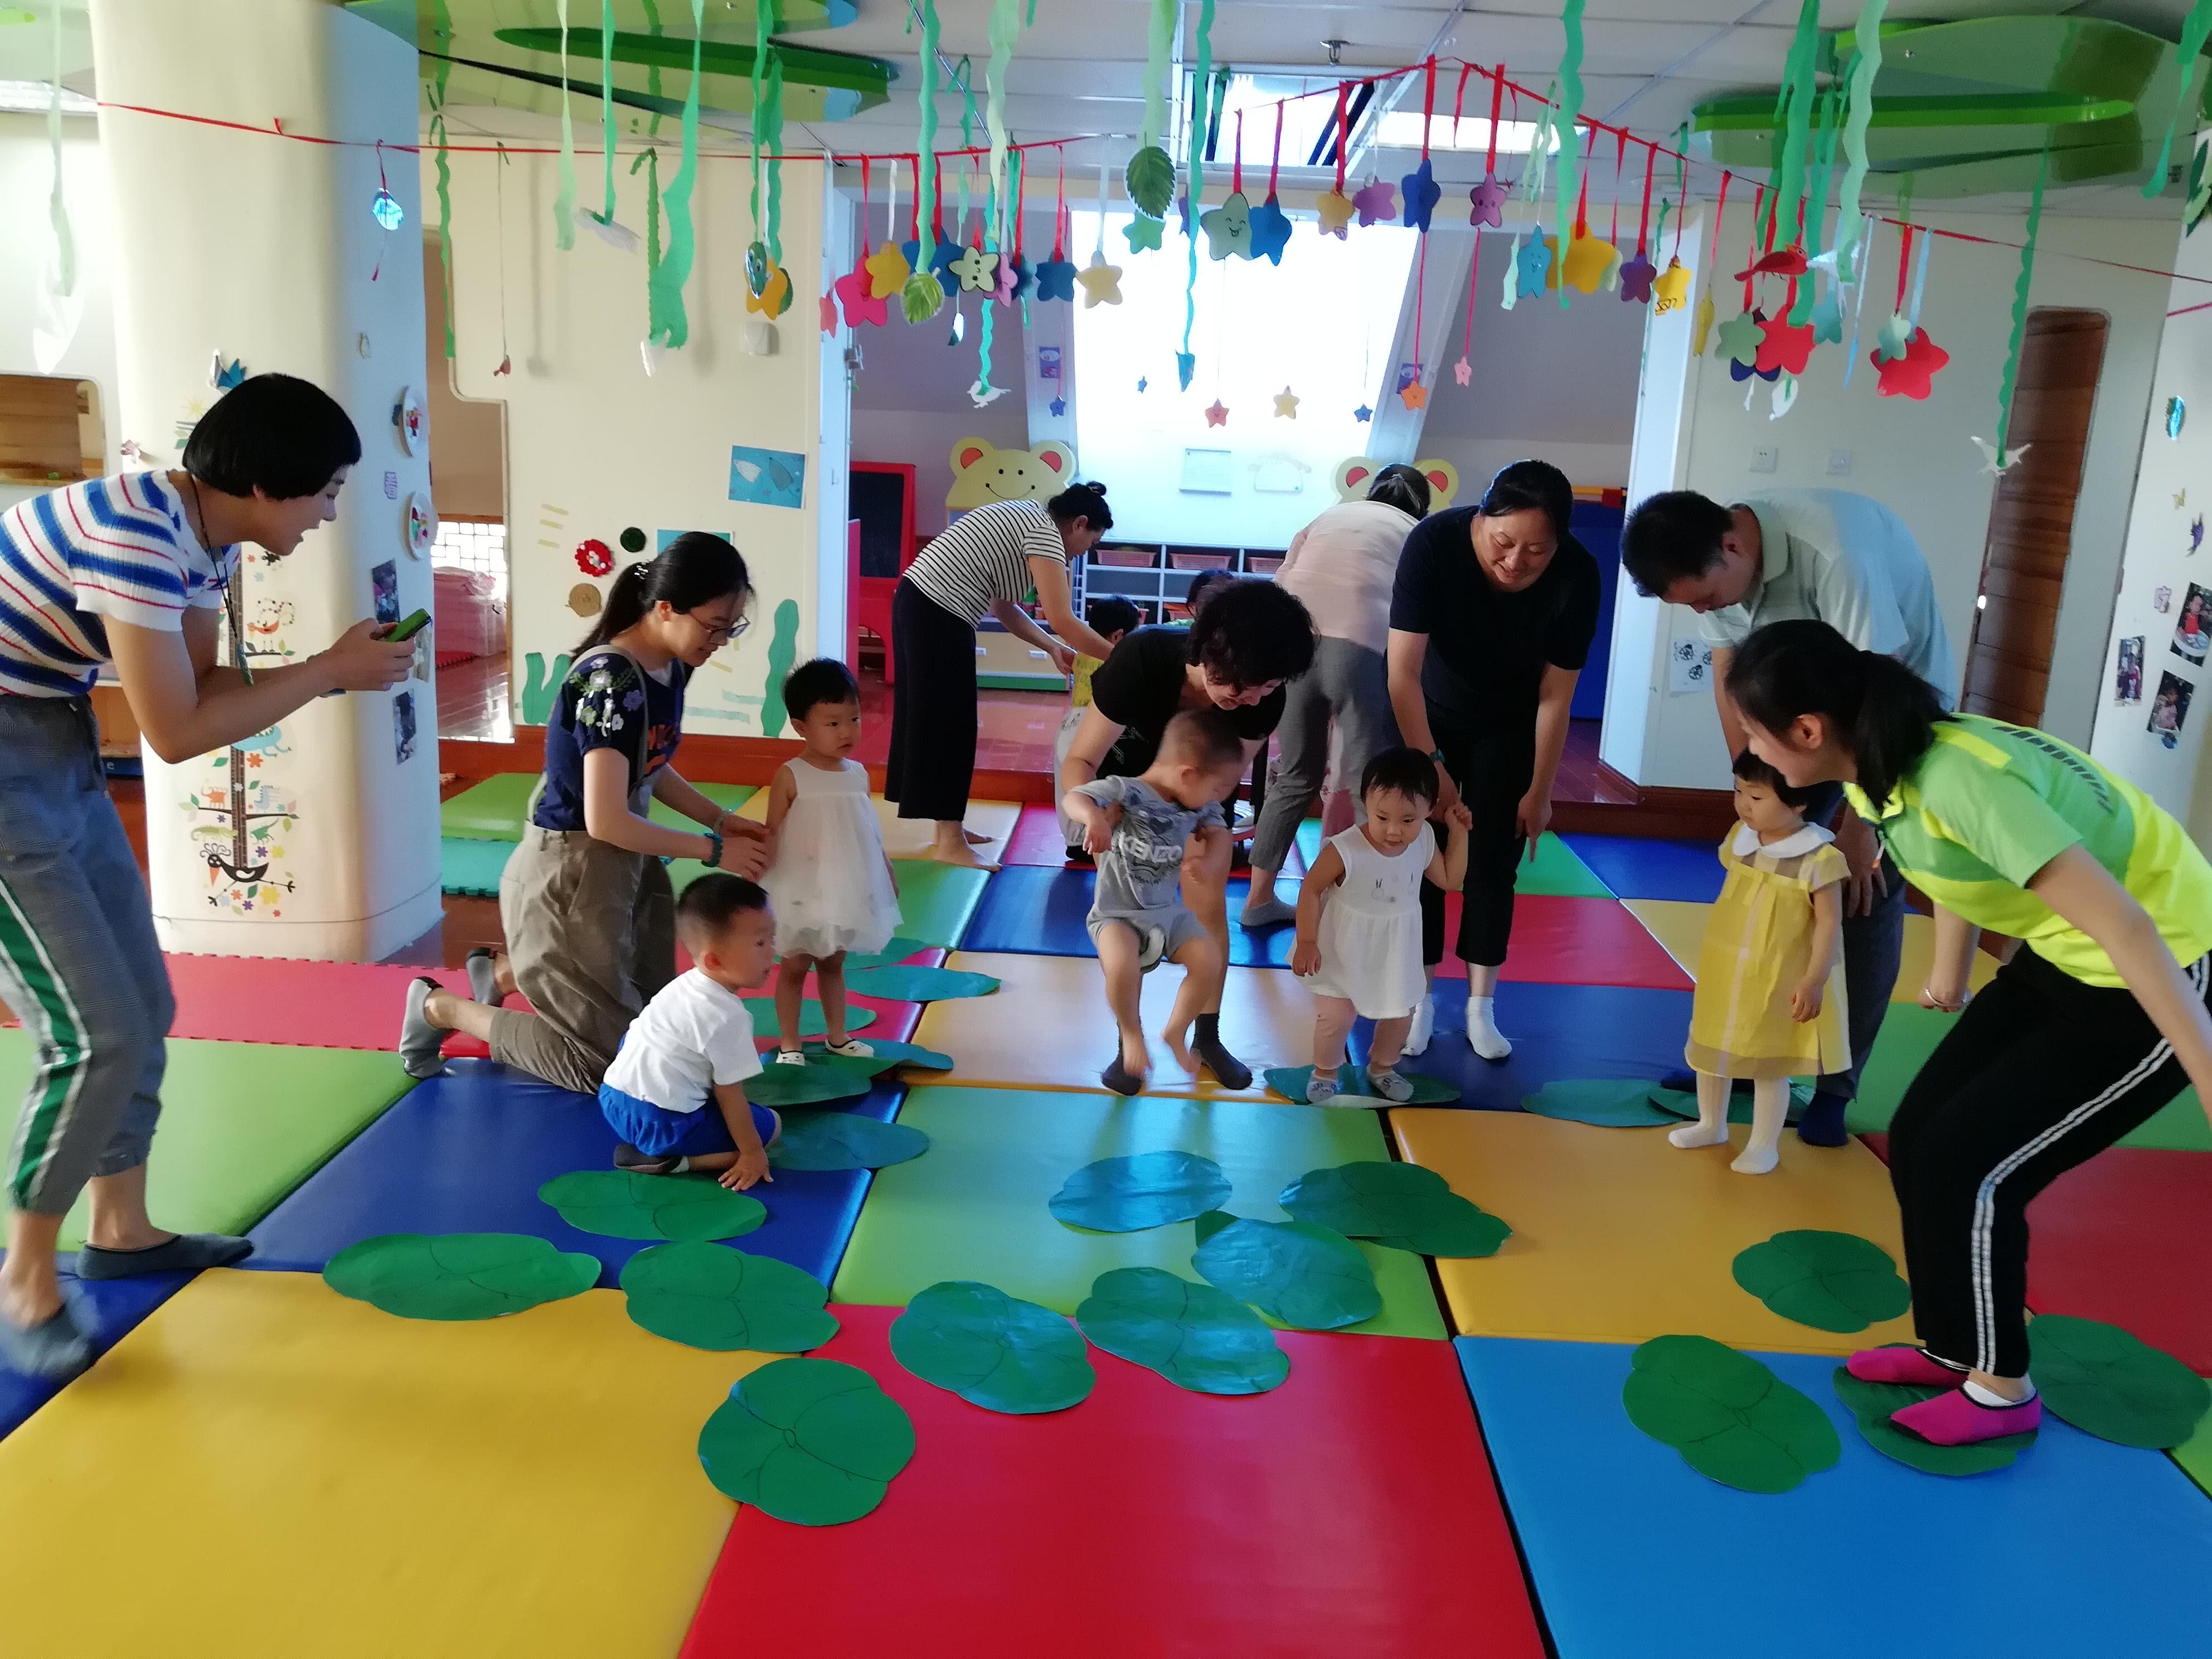 中国儿童中心_中国儿童中心 早教基地 让早期的爱带给孩子一生的呵护